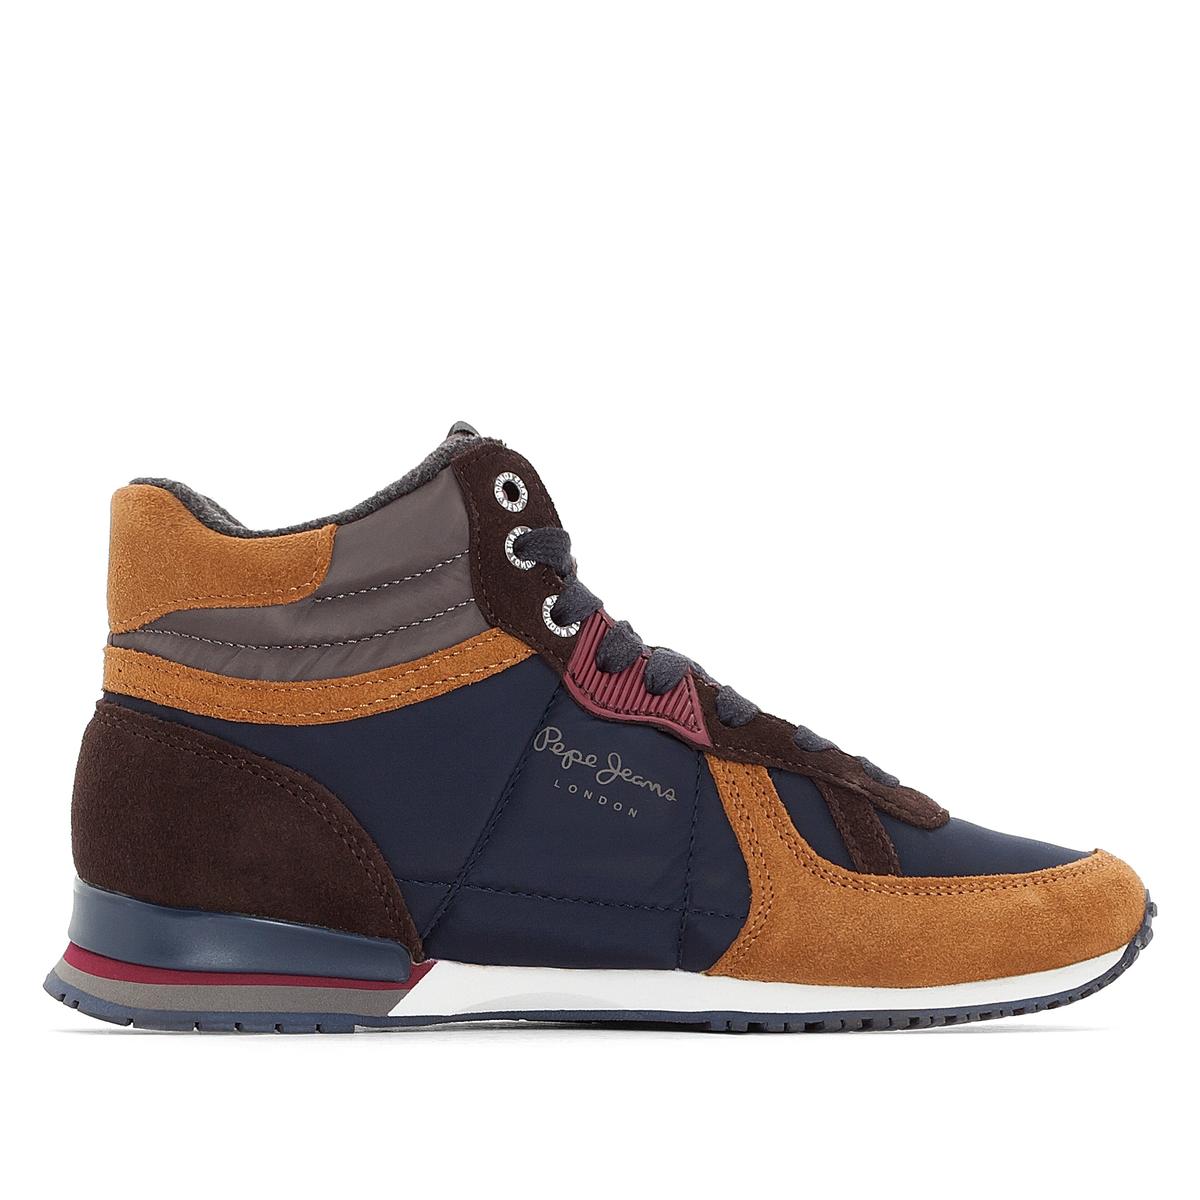 Кеды высокие SYDNEY BootsОписание:Детали  •  Кеды высокие •  Спортивный стиль •  Плоский каблук •  Застежка : шнуровка.Состав и уход  •  Верх 70% синтетического материала, 30% замши •  Подкладка 35% хлопка, 65% текстиля •  Стелька 100% текстиль •  Подошва 100% каучук<br><br>Цвет: темно-синий<br>Размер: 37